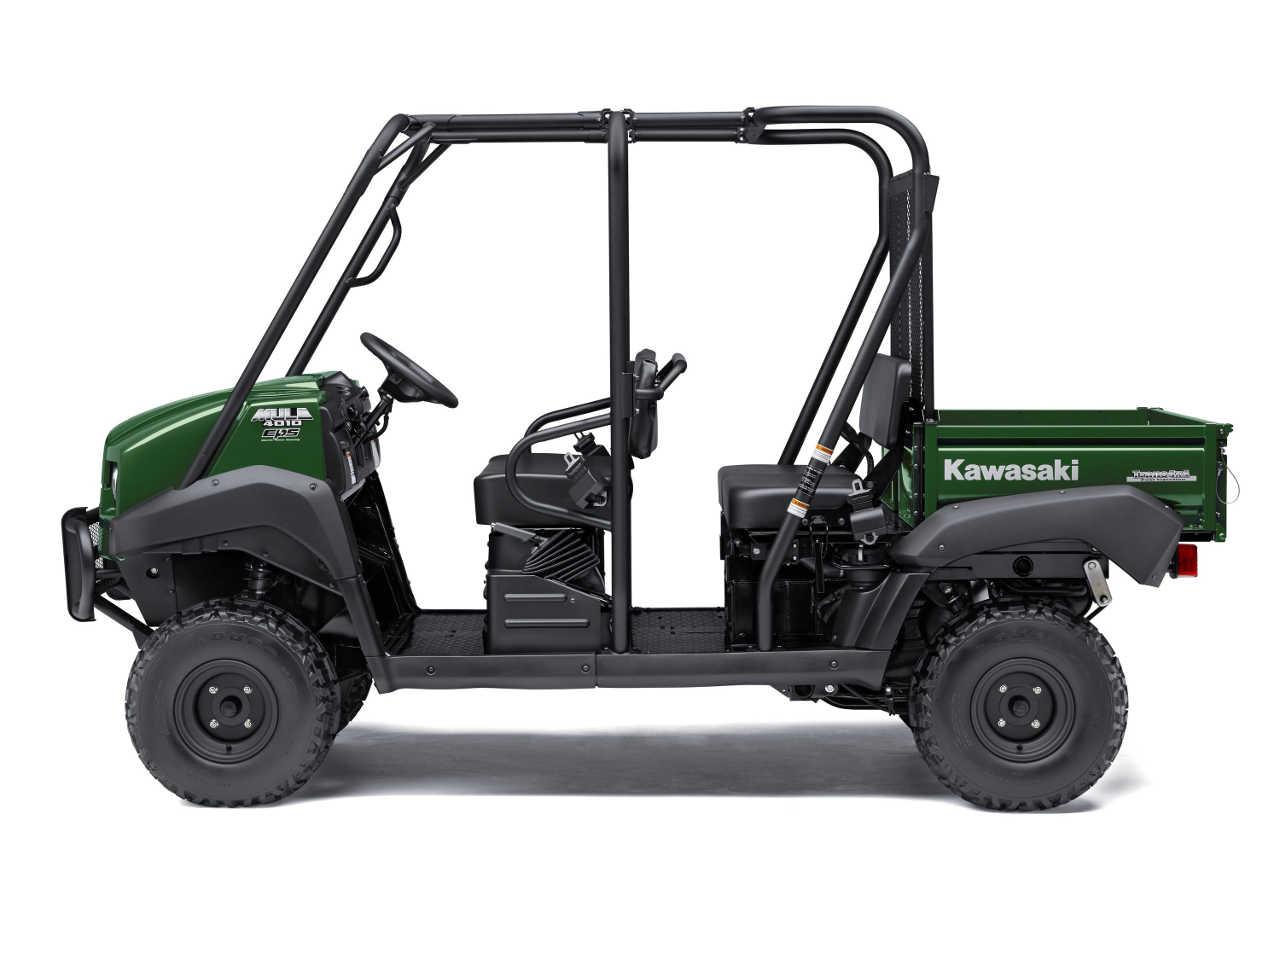 Kawasaki X Mule